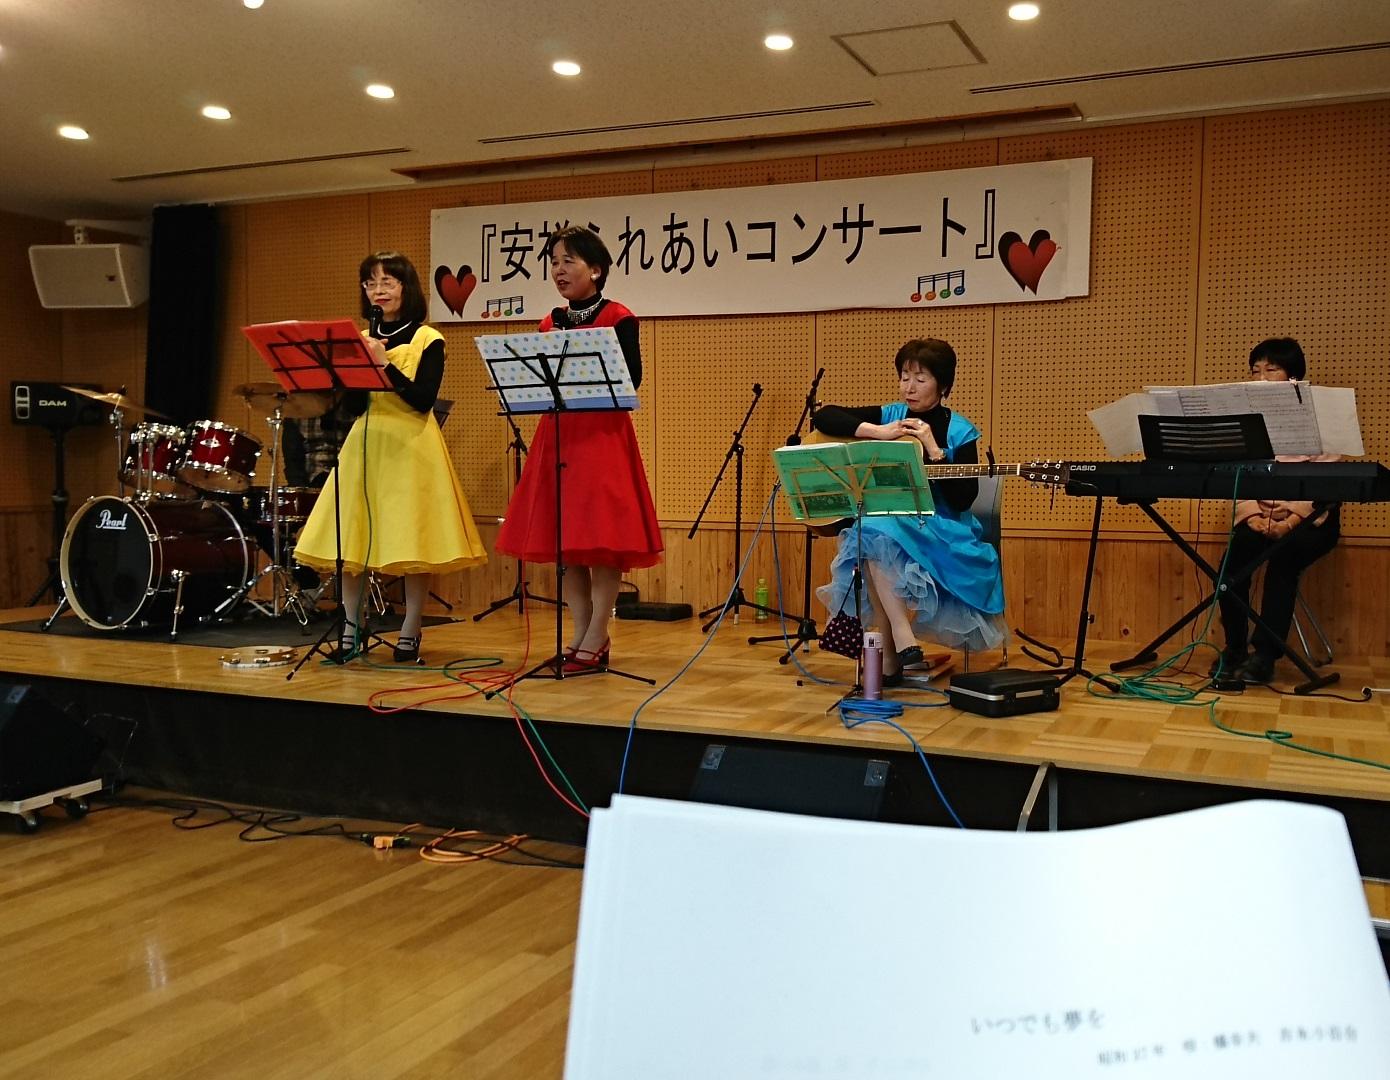 2018.1.27 古井新町ふれあいバンド (10) いつでもゆめを 1390-1080